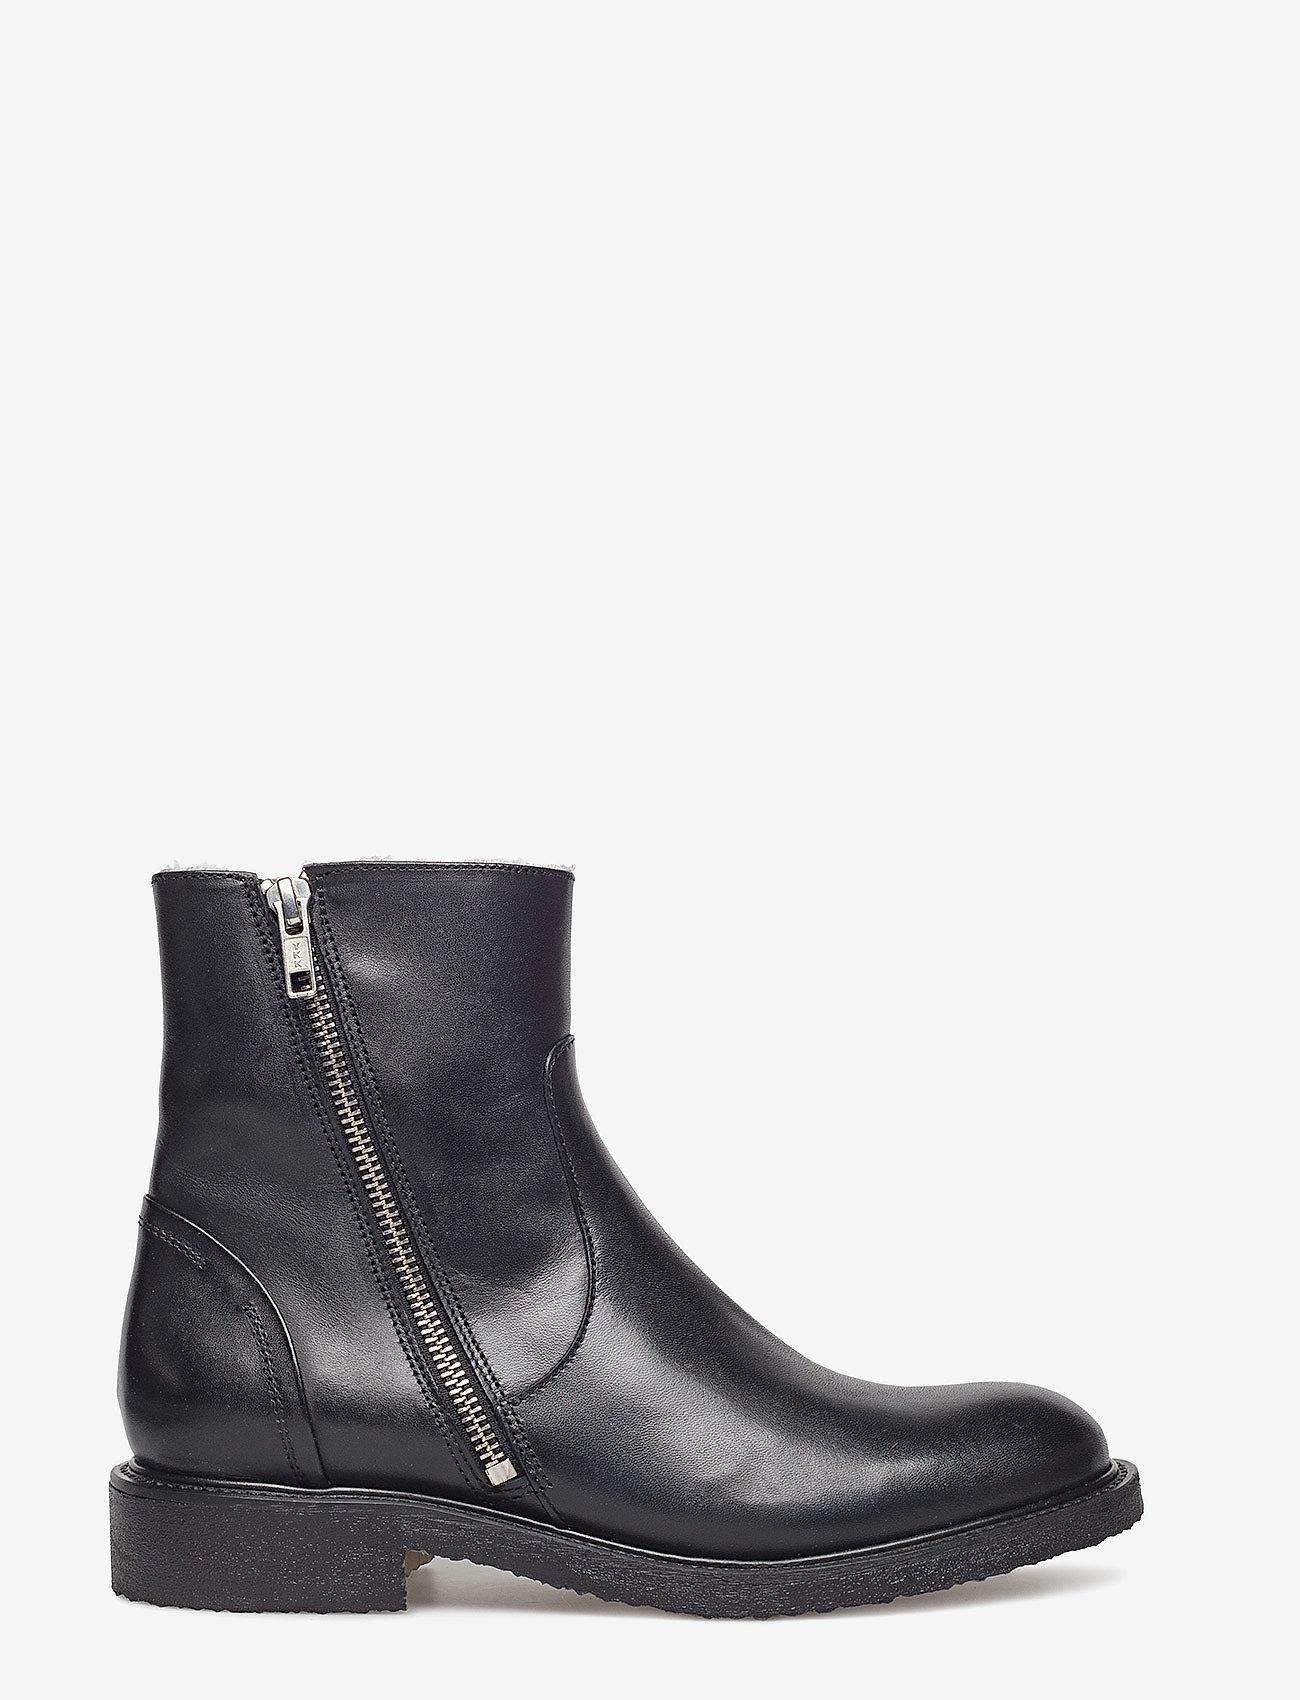 Billi Bi - Boots 913102 - flat ankle boots - black calf 80 - 0